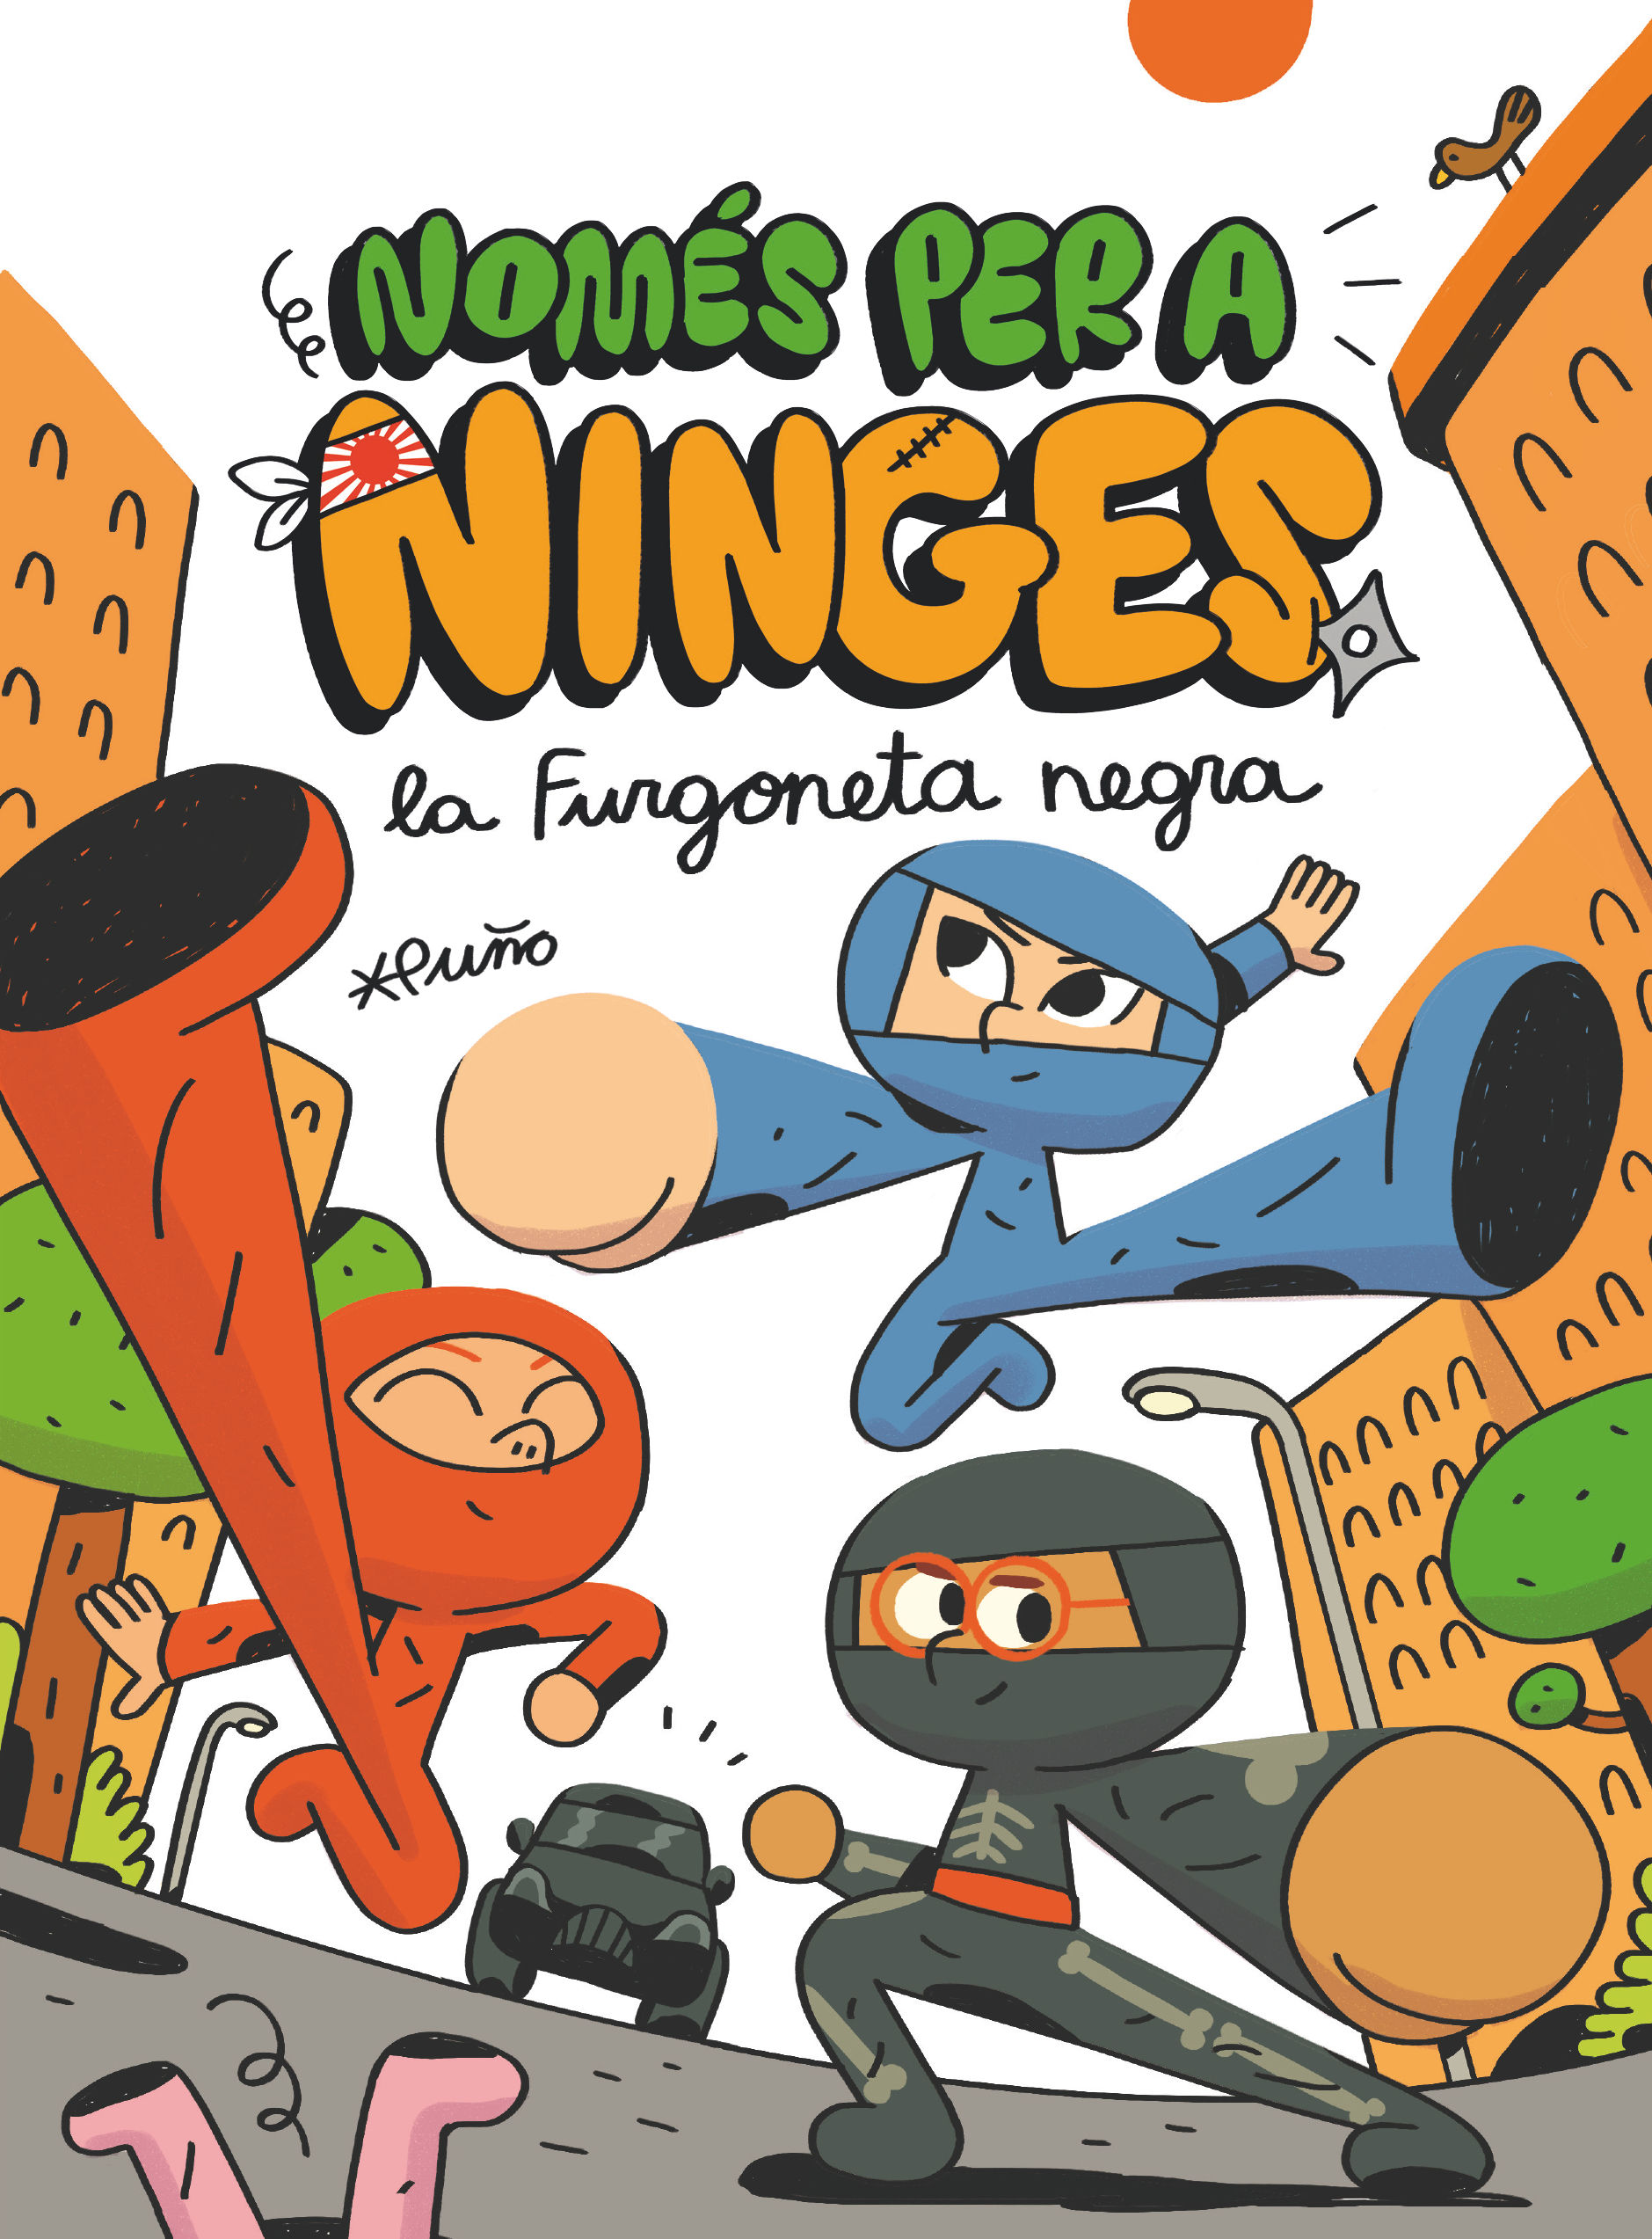 NOMES PER A NINGES 1 LA FURGONETA NEGRA